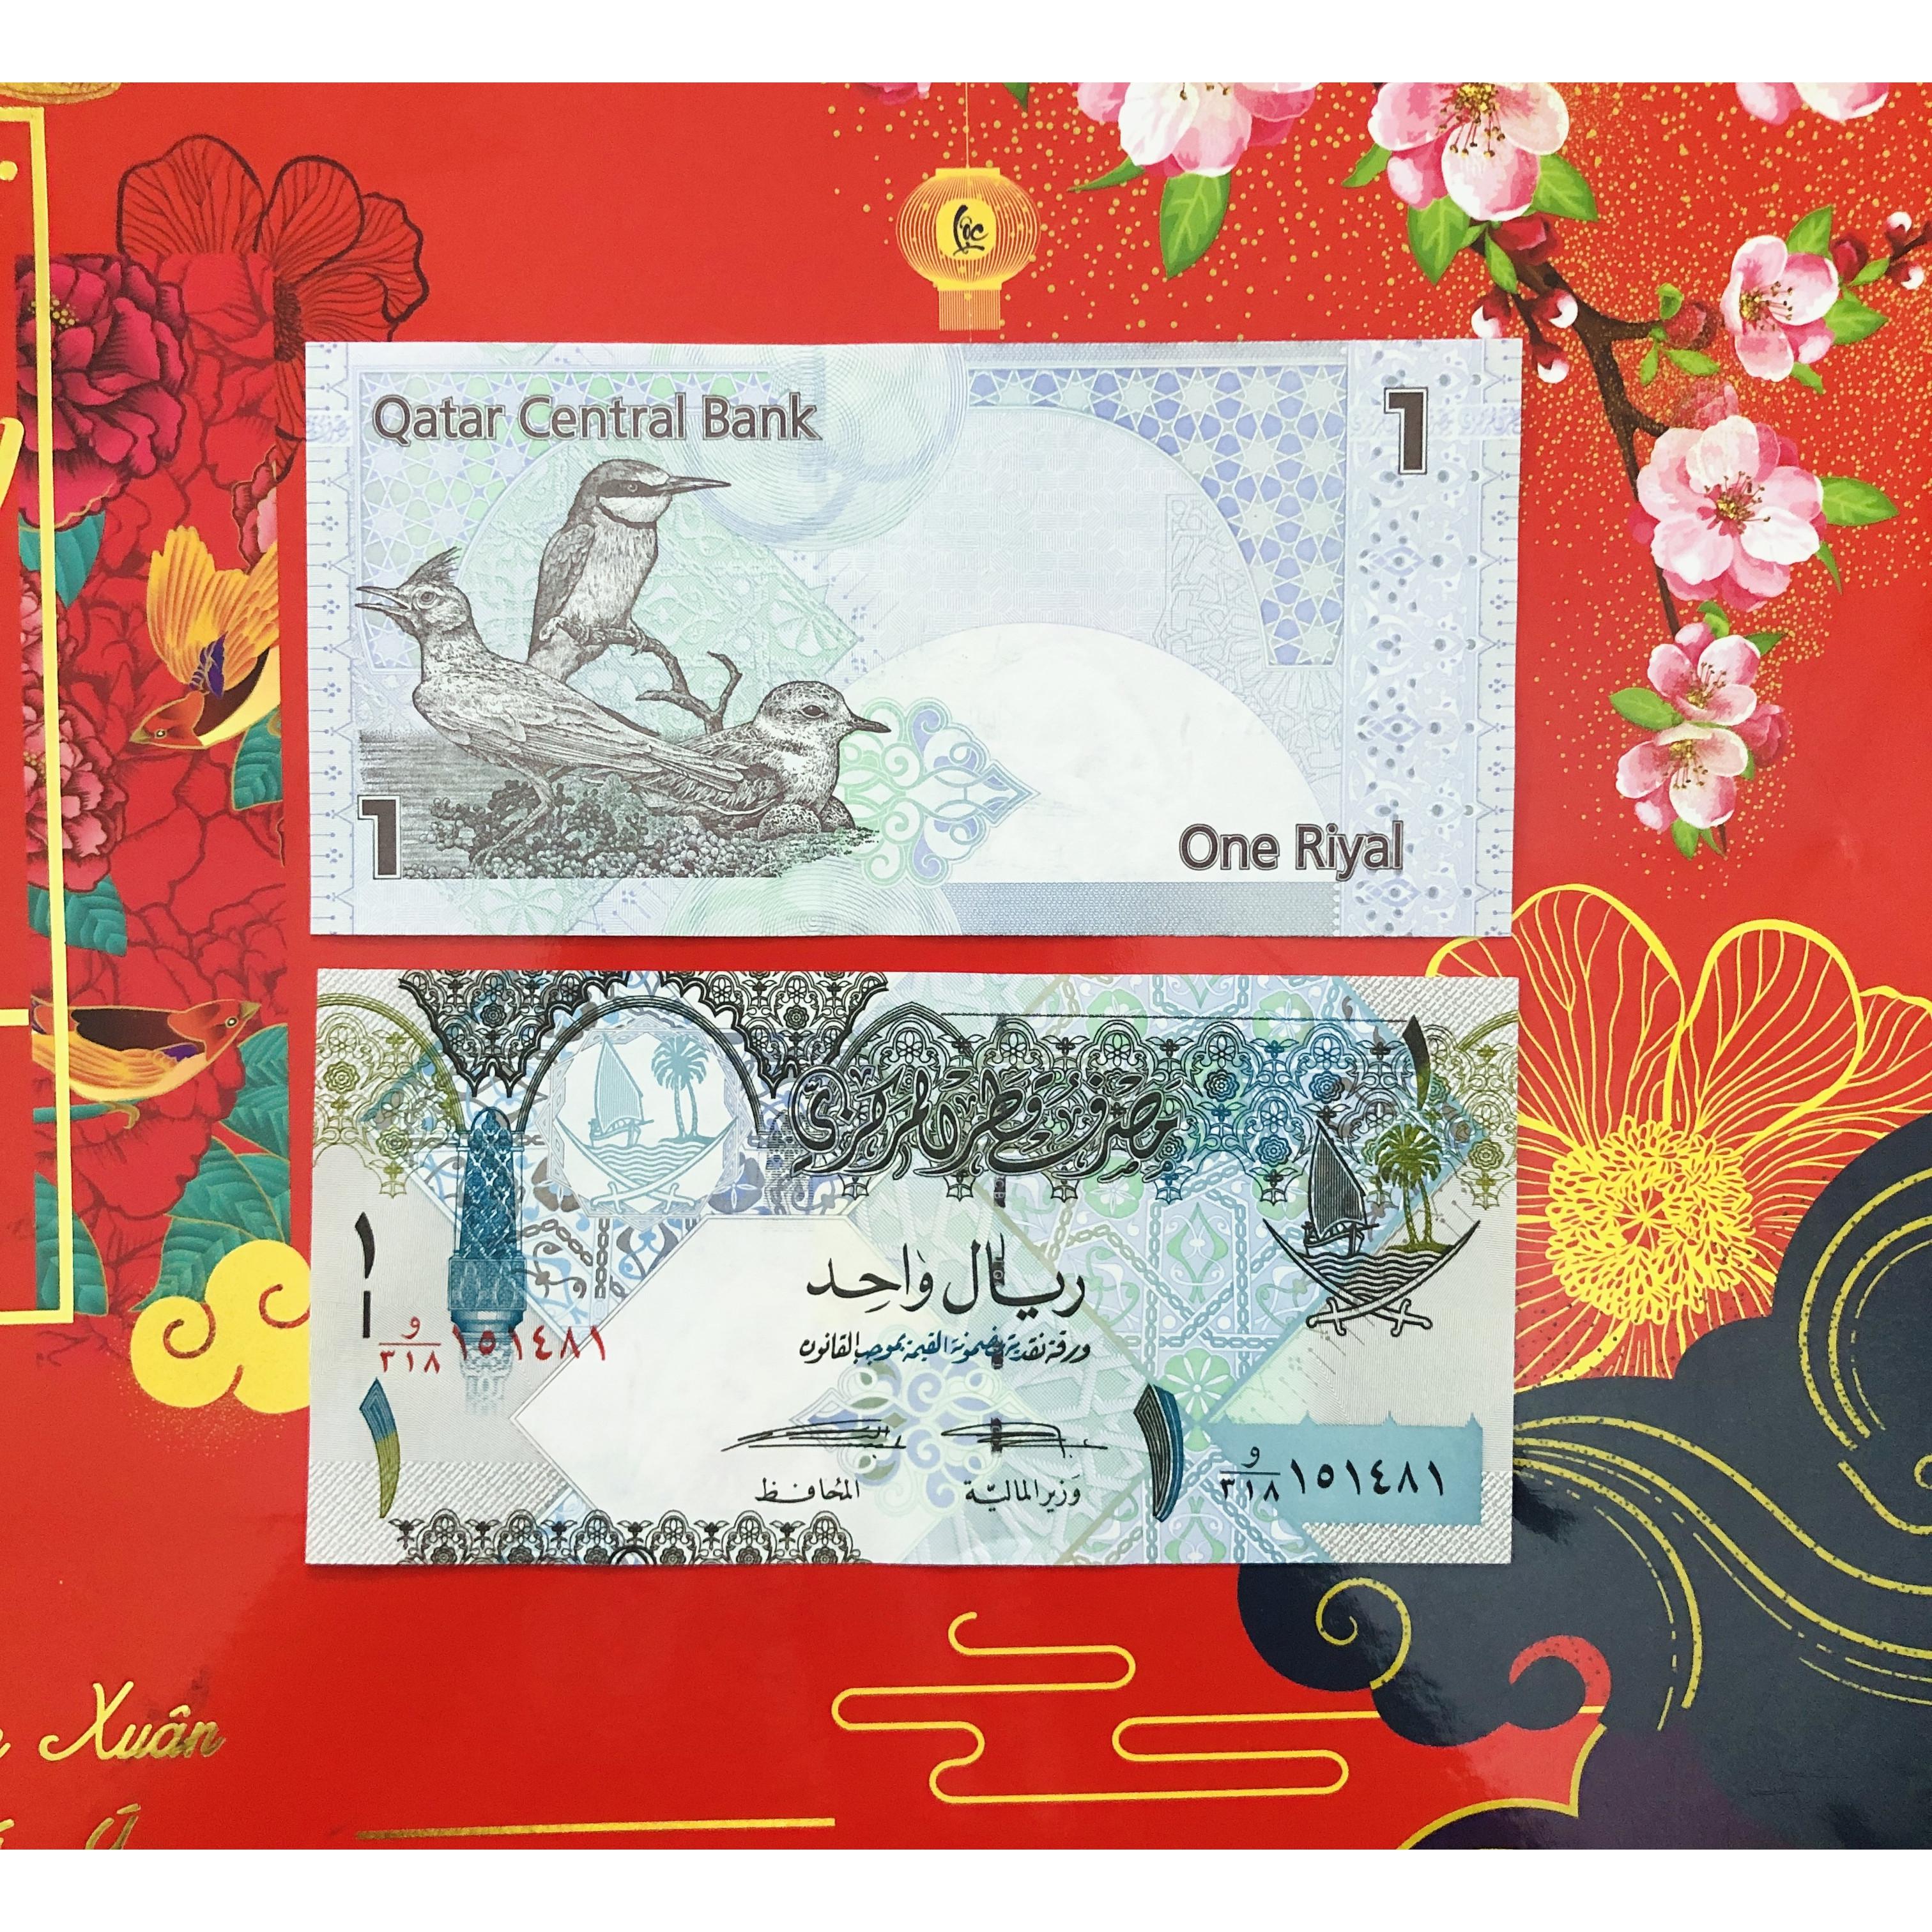 01 tờ tiền Qatar 1 Riyal hình chú chim tuyệt đẹp